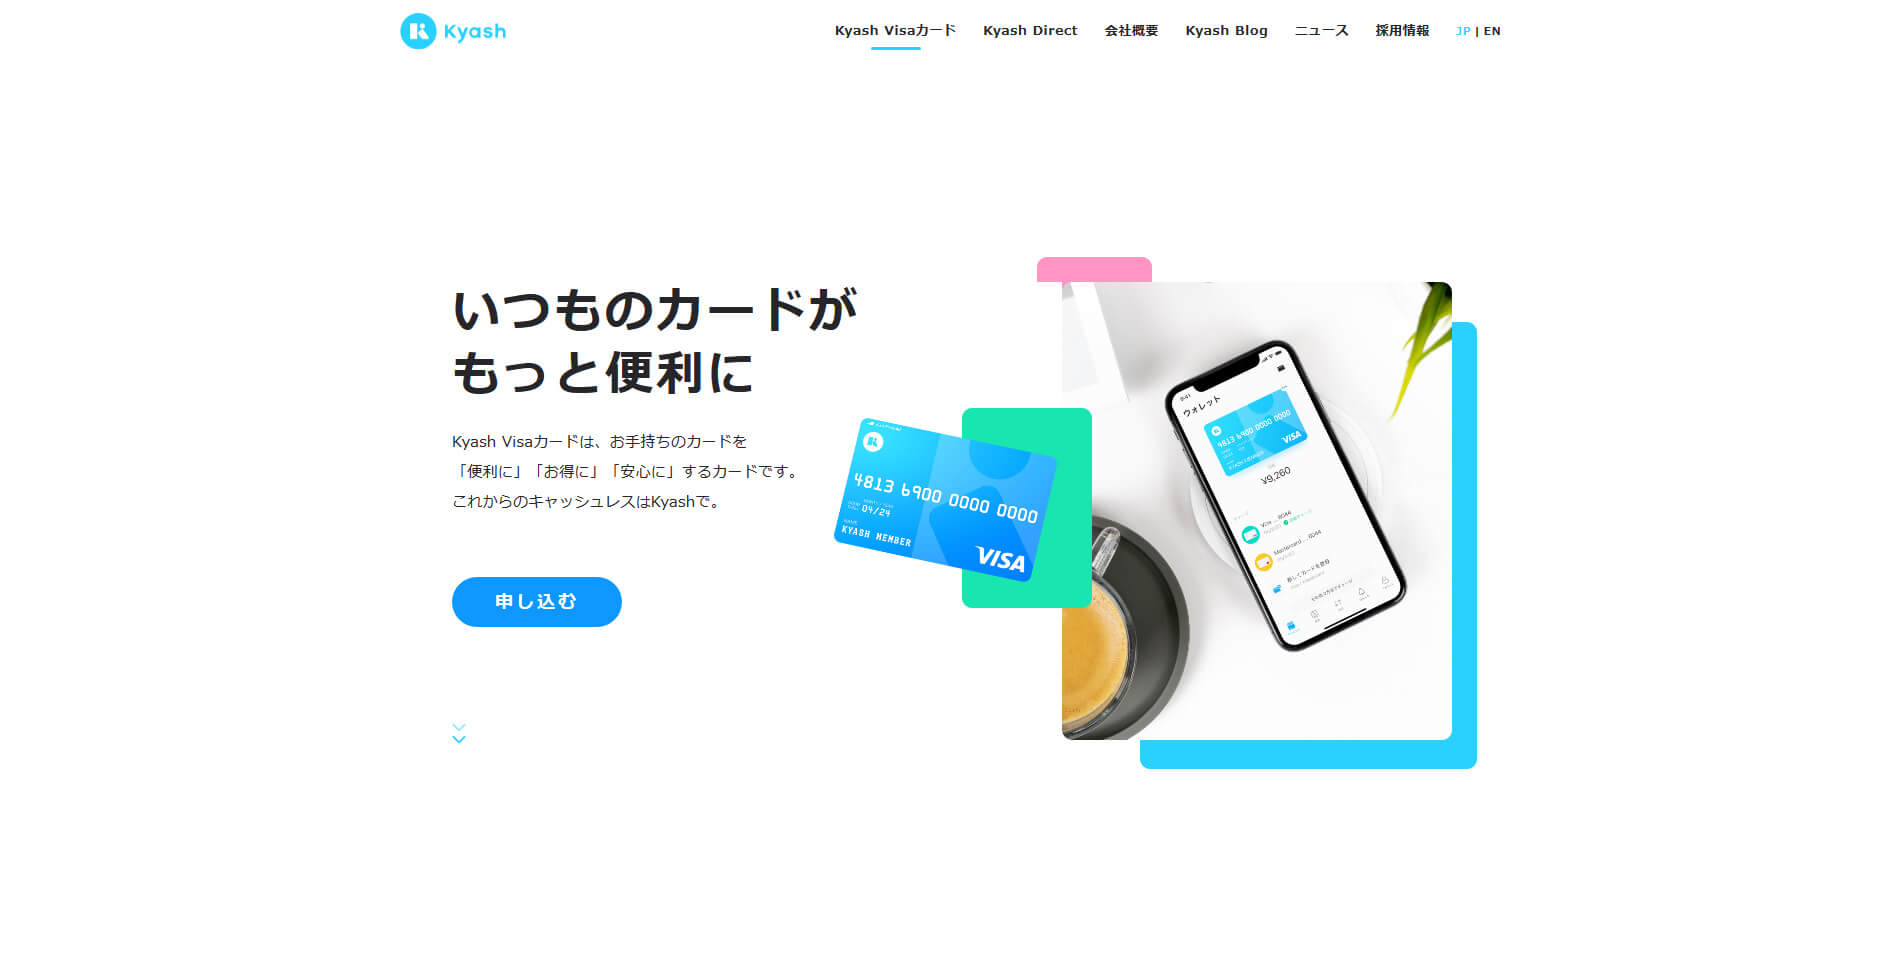 【最新】勝手にホームページリニューアル分析〜Kyash編〜